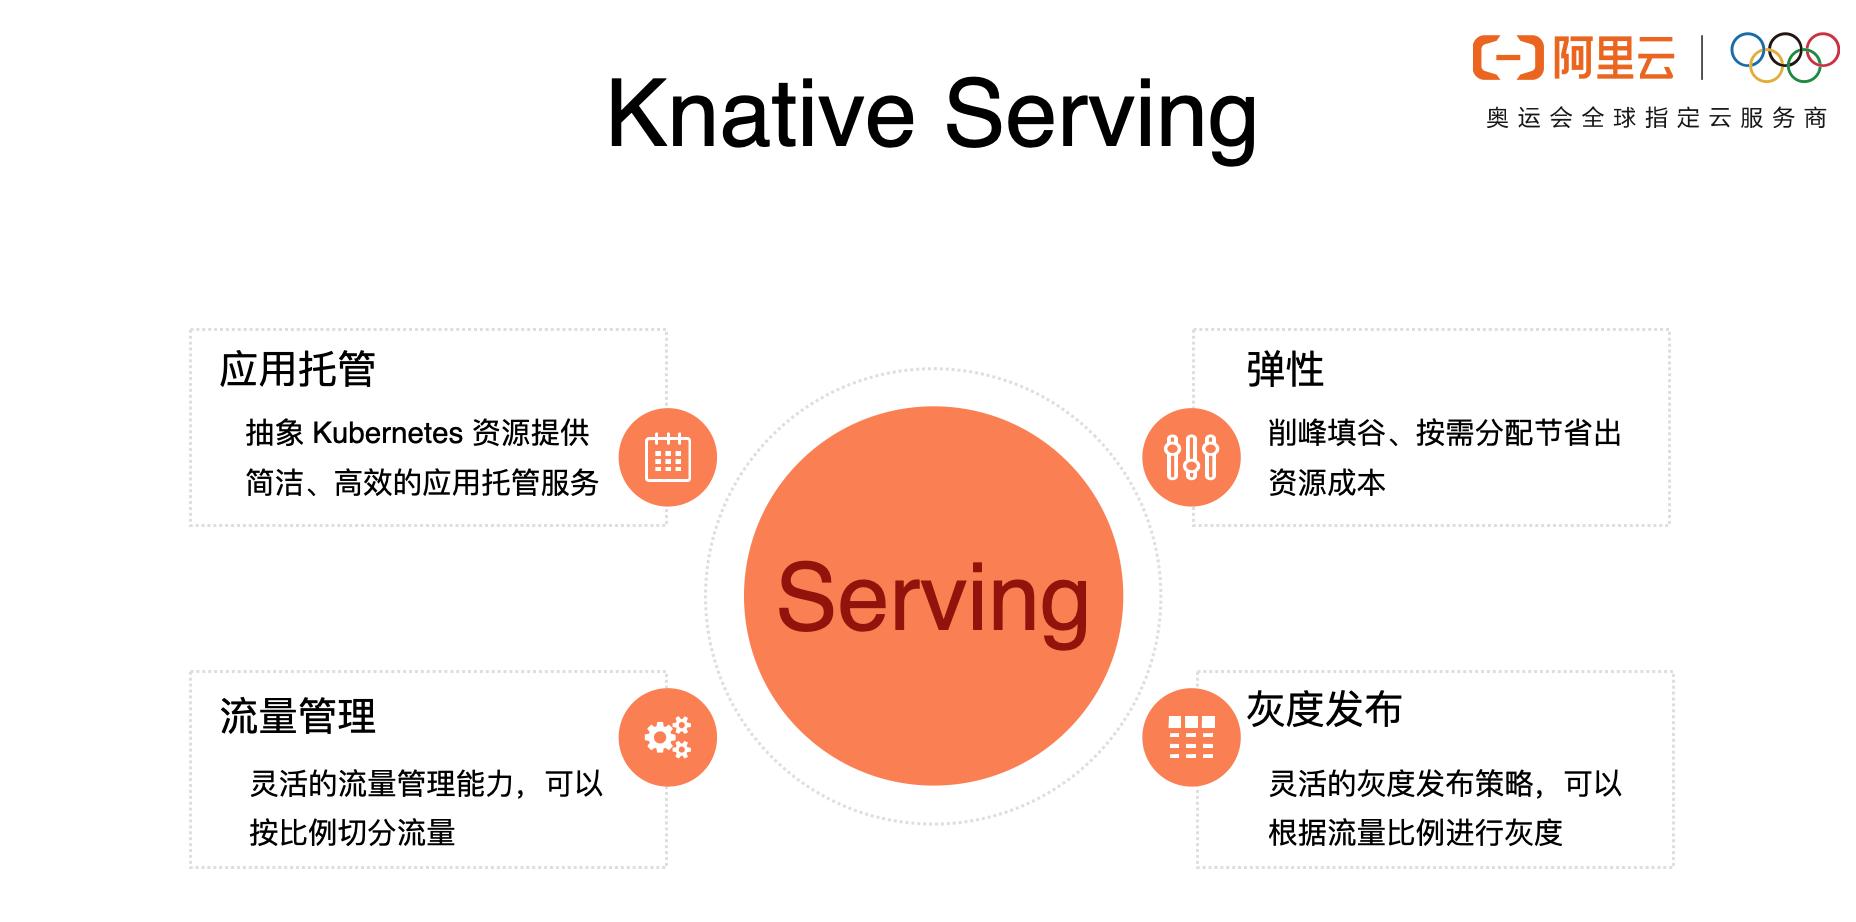 开箱即用,Knative 给您极致的容器 Serverless 体验